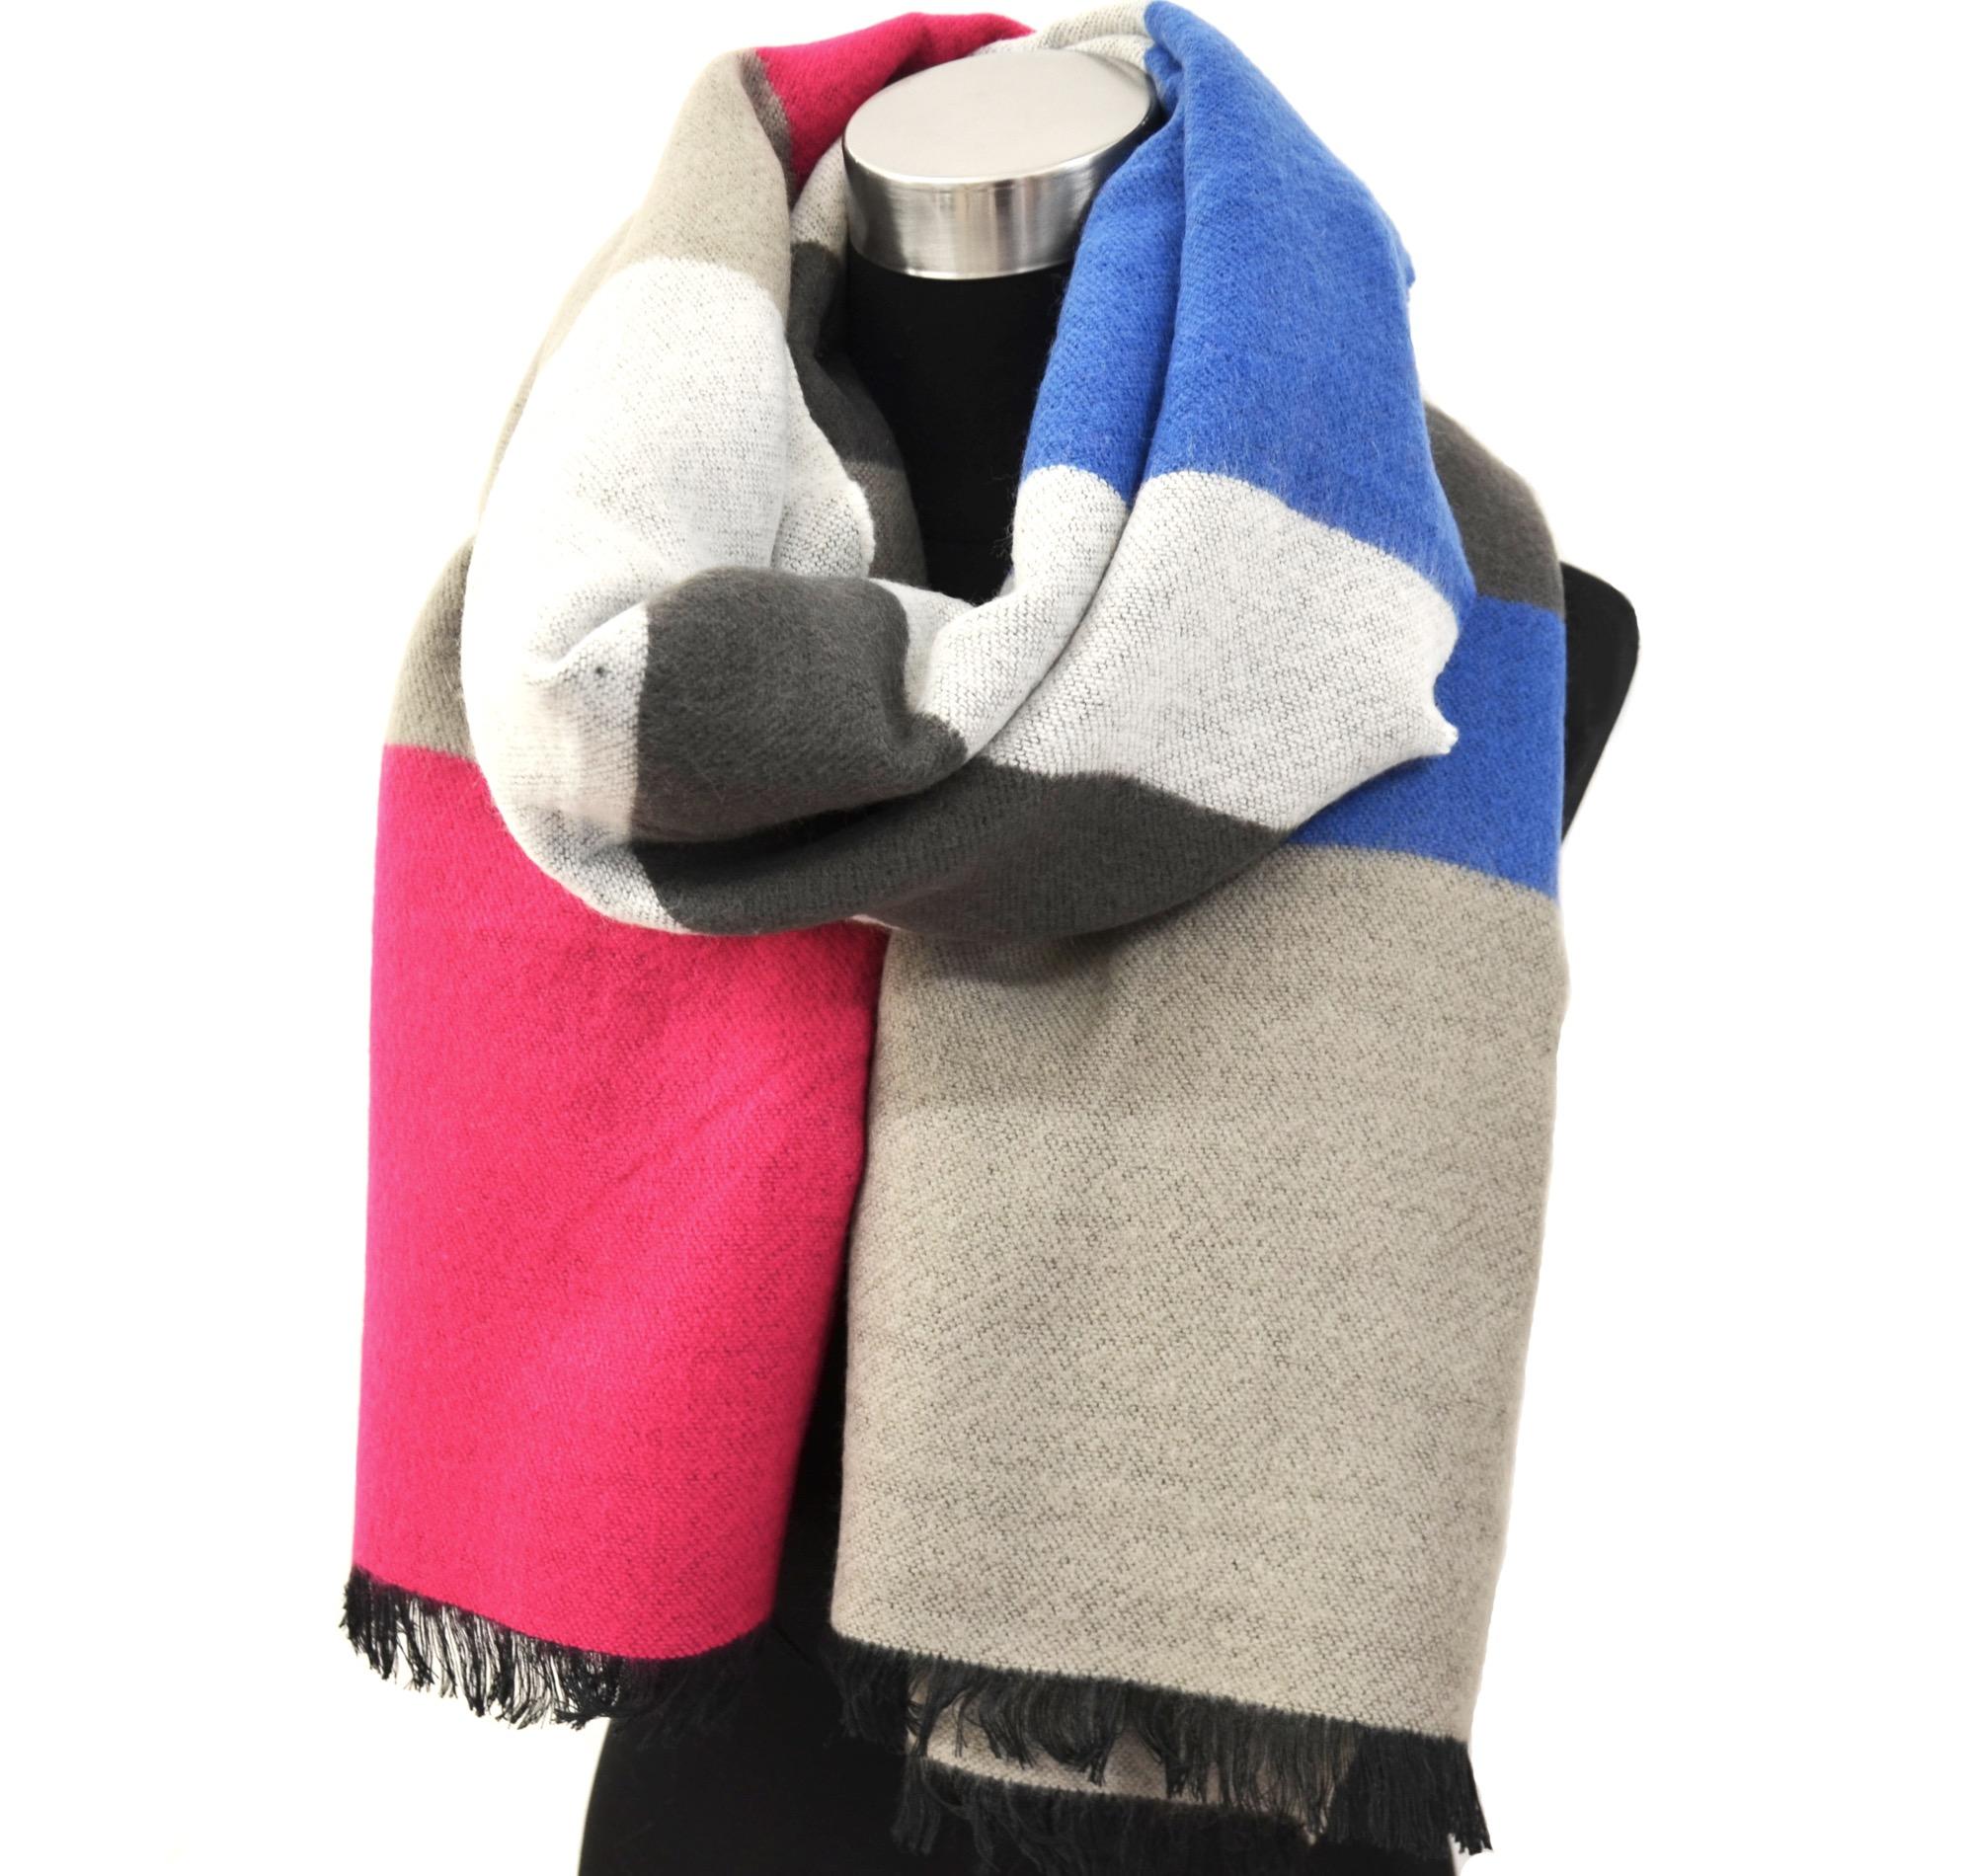 psv125 grosse echarpe longue automne hiver style plaid avec bandes couleurs et franges. Black Bedroom Furniture Sets. Home Design Ideas